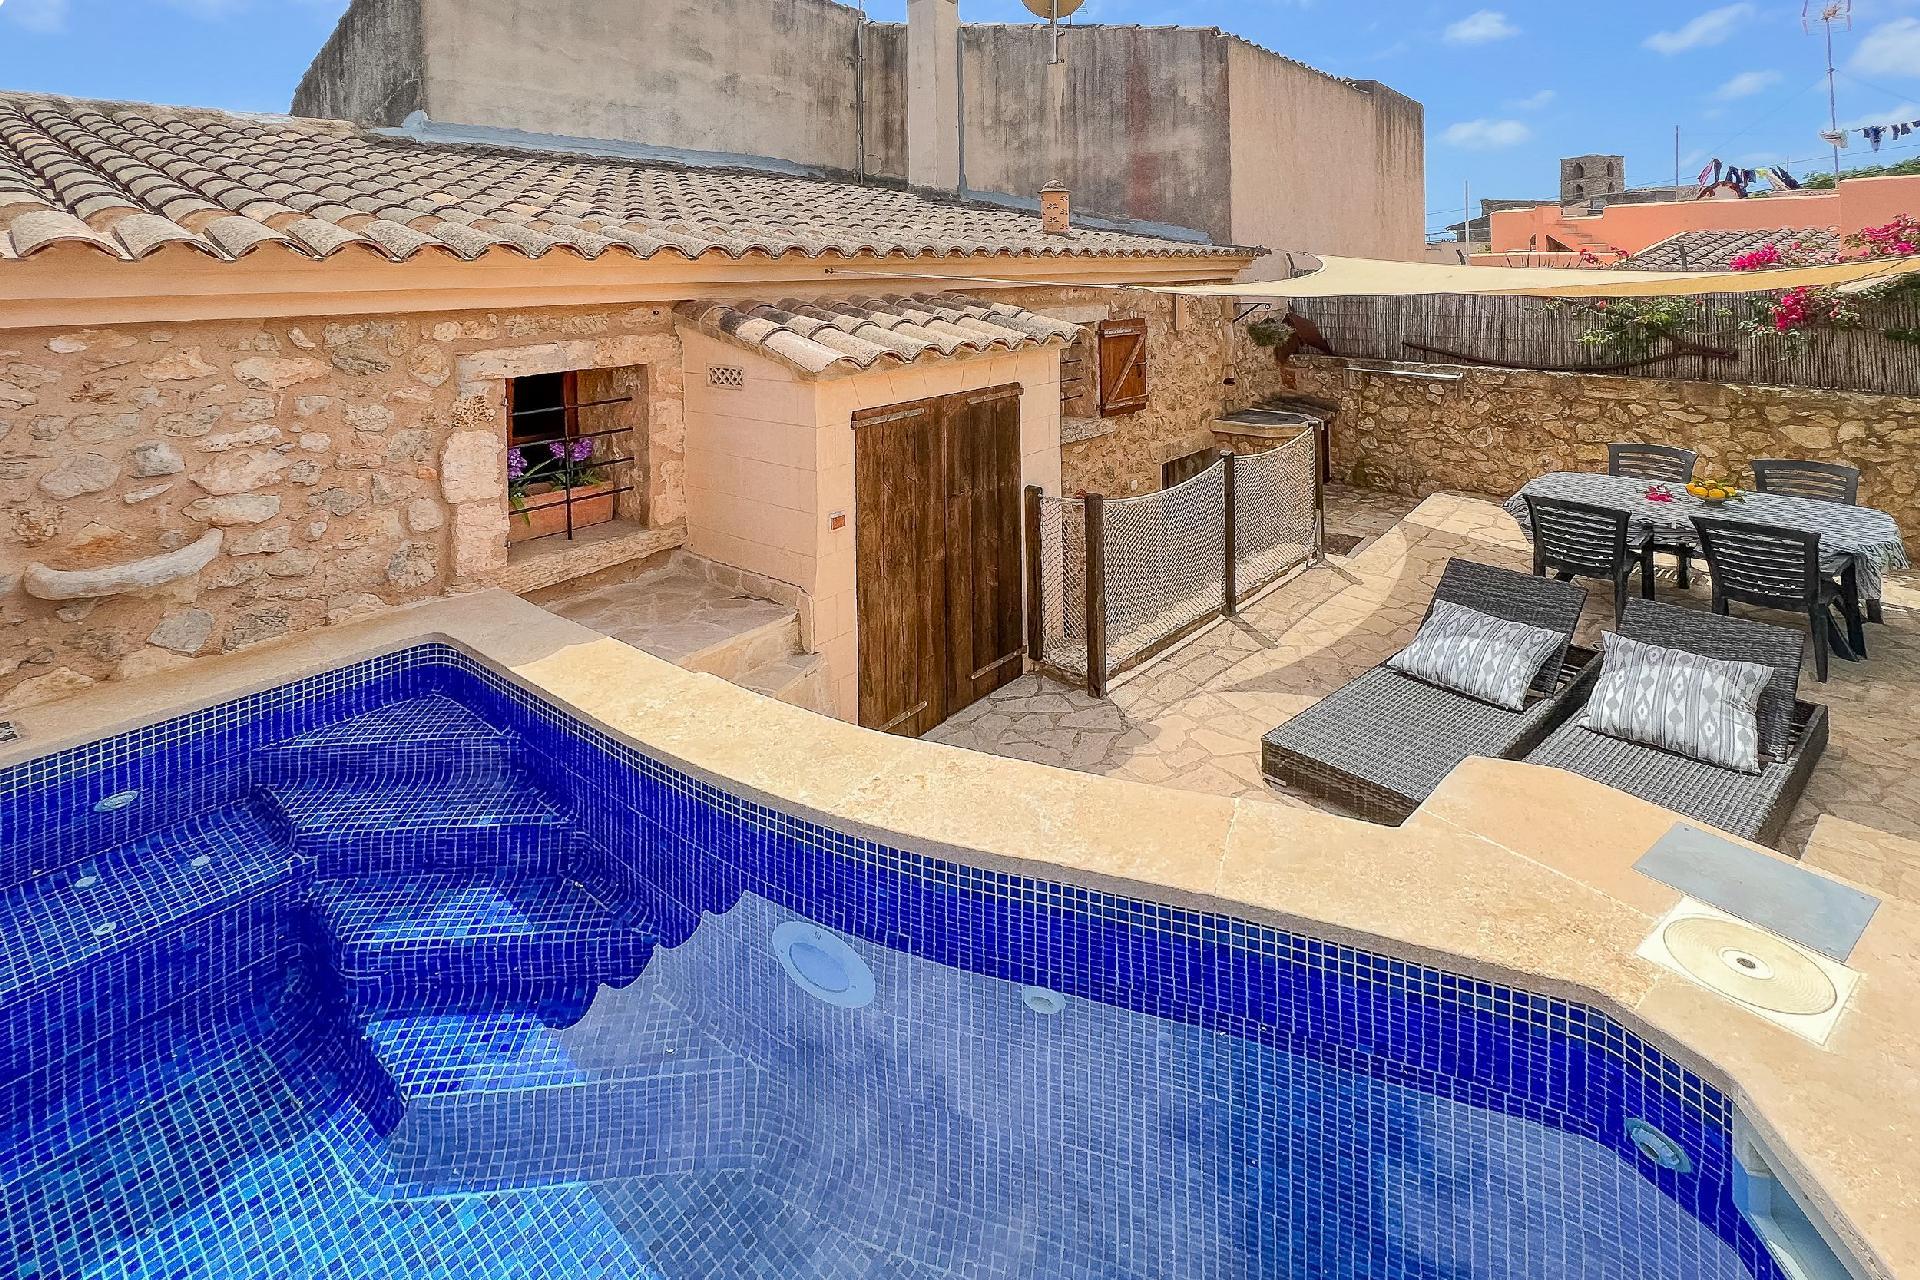 Ferienhaus mit Privatpool für 6 Personen ca 100 m² in S Horta Mallorca Südostküste von Mallorca